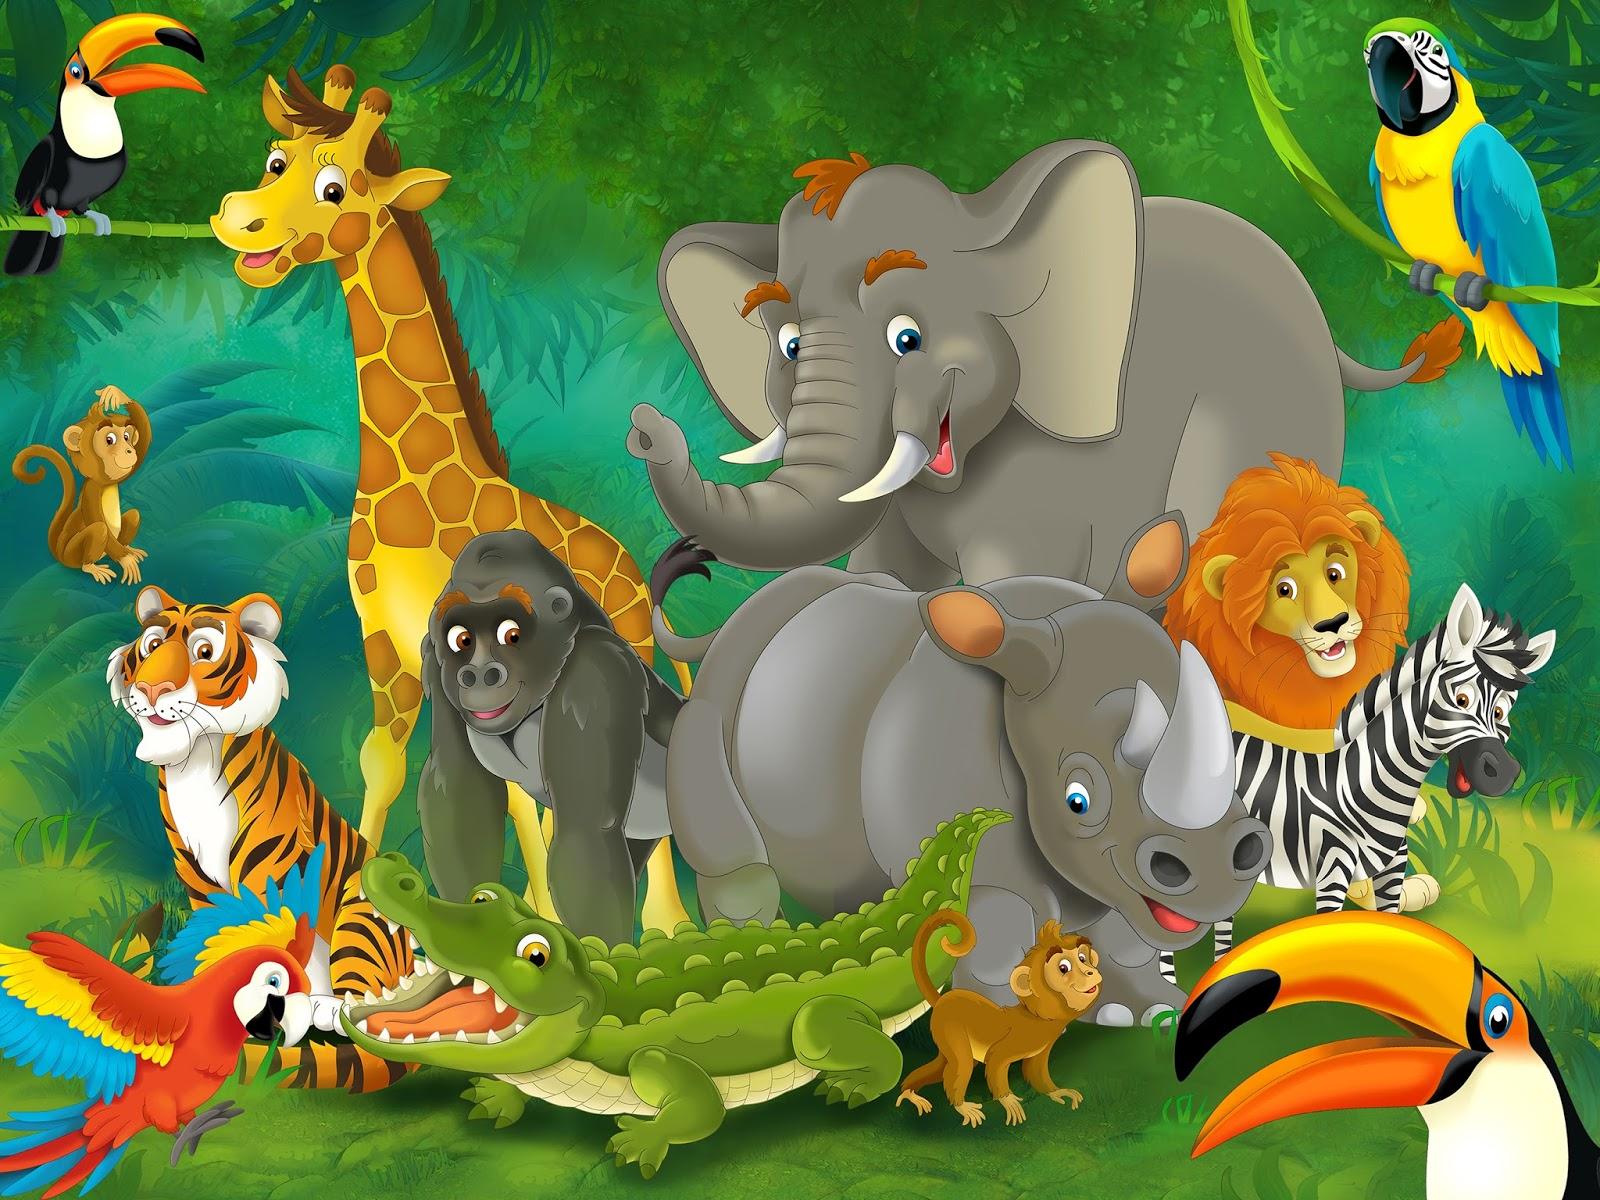 BANCO DE IMÁGENES: Ilustración De Animales En La Selva